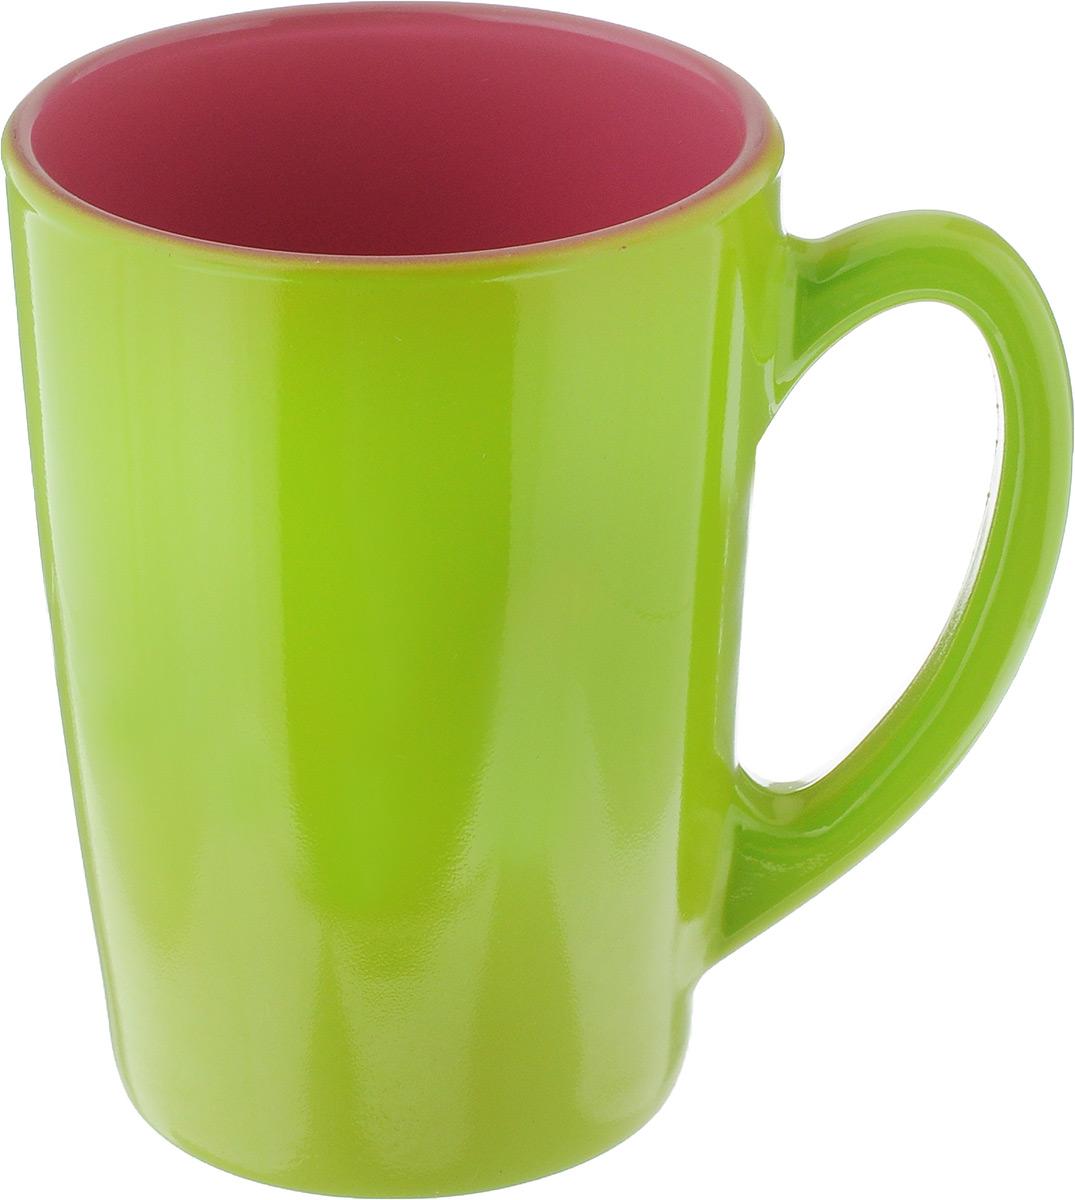 Кружка Luminarc Spring Break, цвет: салатовый, розовый, 320 мл. J3417-1FS-91909Кружка Luminarc Spring Break, изготовленная из ударопрочного стекла, прекрасно подойдет для горячих и холодных напитков. Она дополнит коллекцию вашей кухонной посуды и будет служить долгие годы. Можно использовать в микроволновой печи и мыть в посудомоечной машине. Диаметр кружки (по верхнему краю): 8 см.Высота стенки кружки: 11 см.